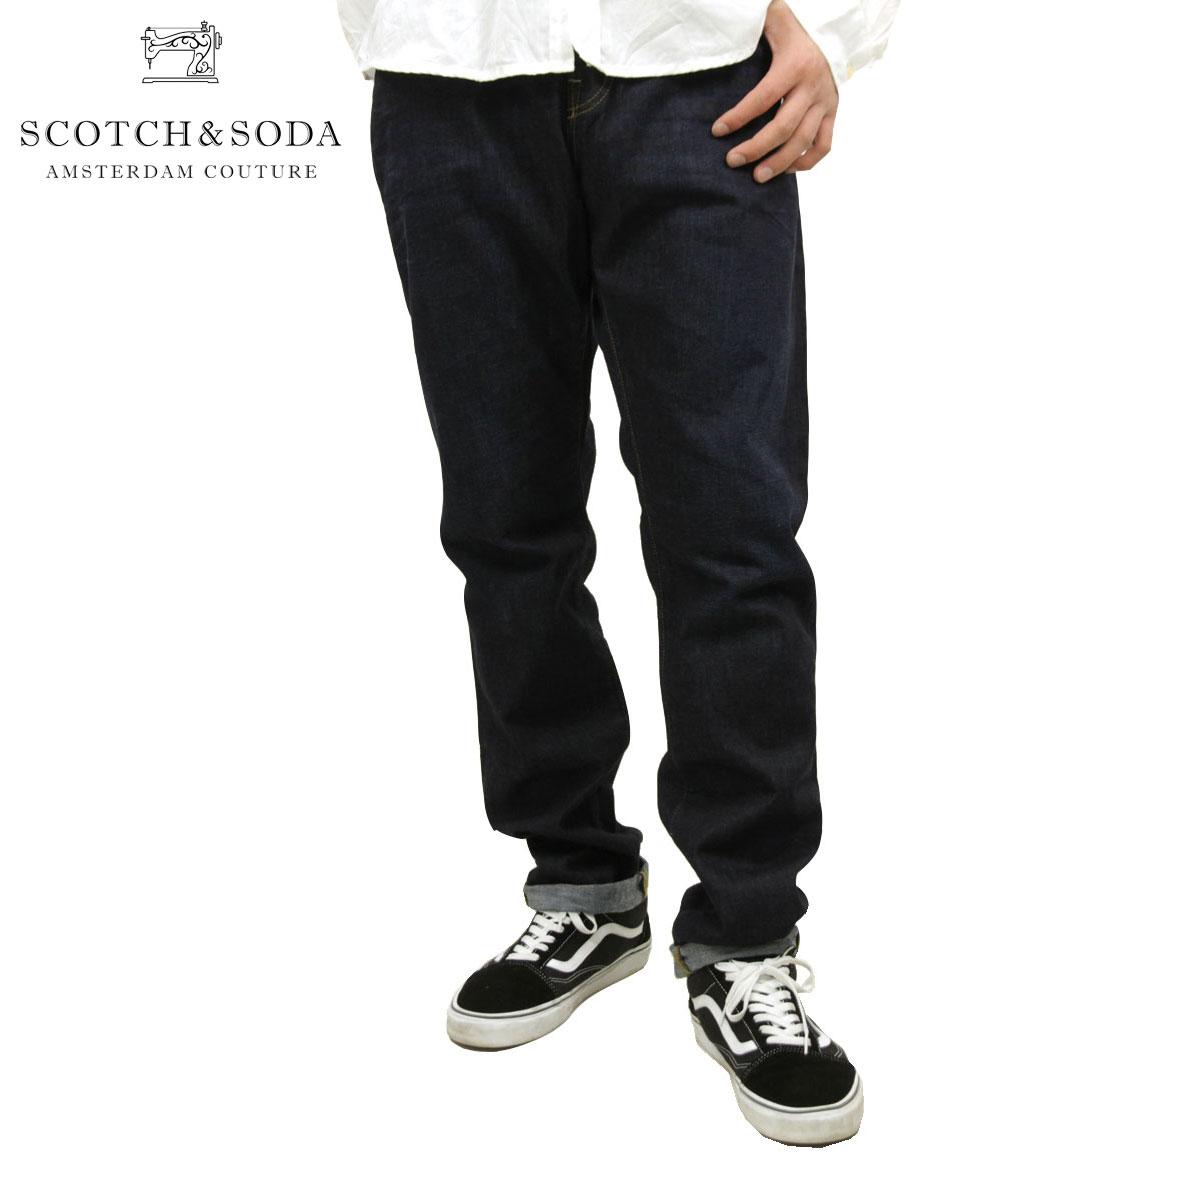 スコッチアンドソーダ SCOTCH&SODA 正規販売店 メンズ ジーンズ スコッチアンドソーダ Ralston - Touchdown 85097 48 D15S25